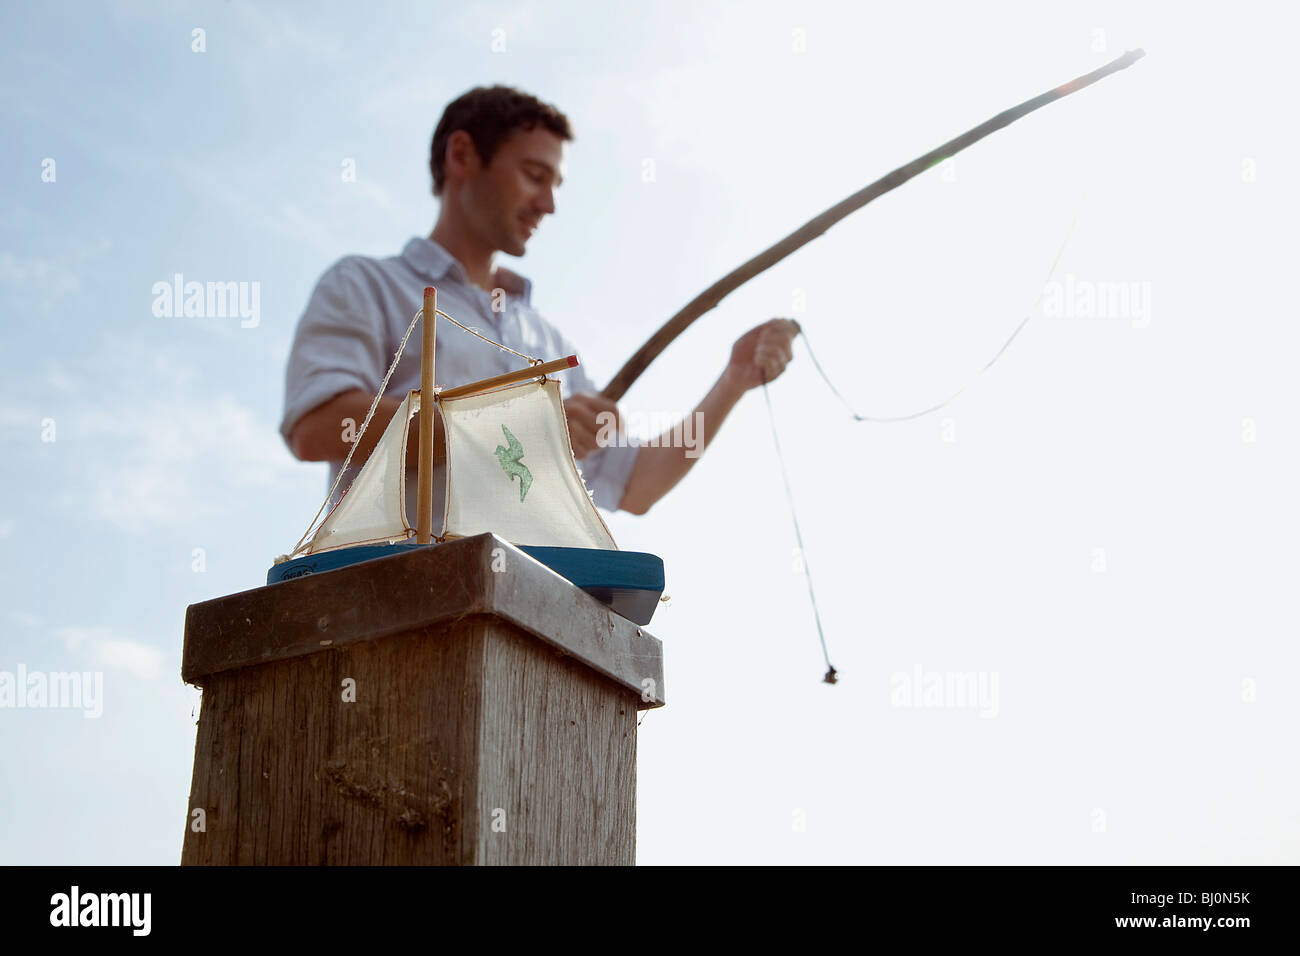 Bateau jouet sur poteau avec angler en arrière-plan Photo Stock